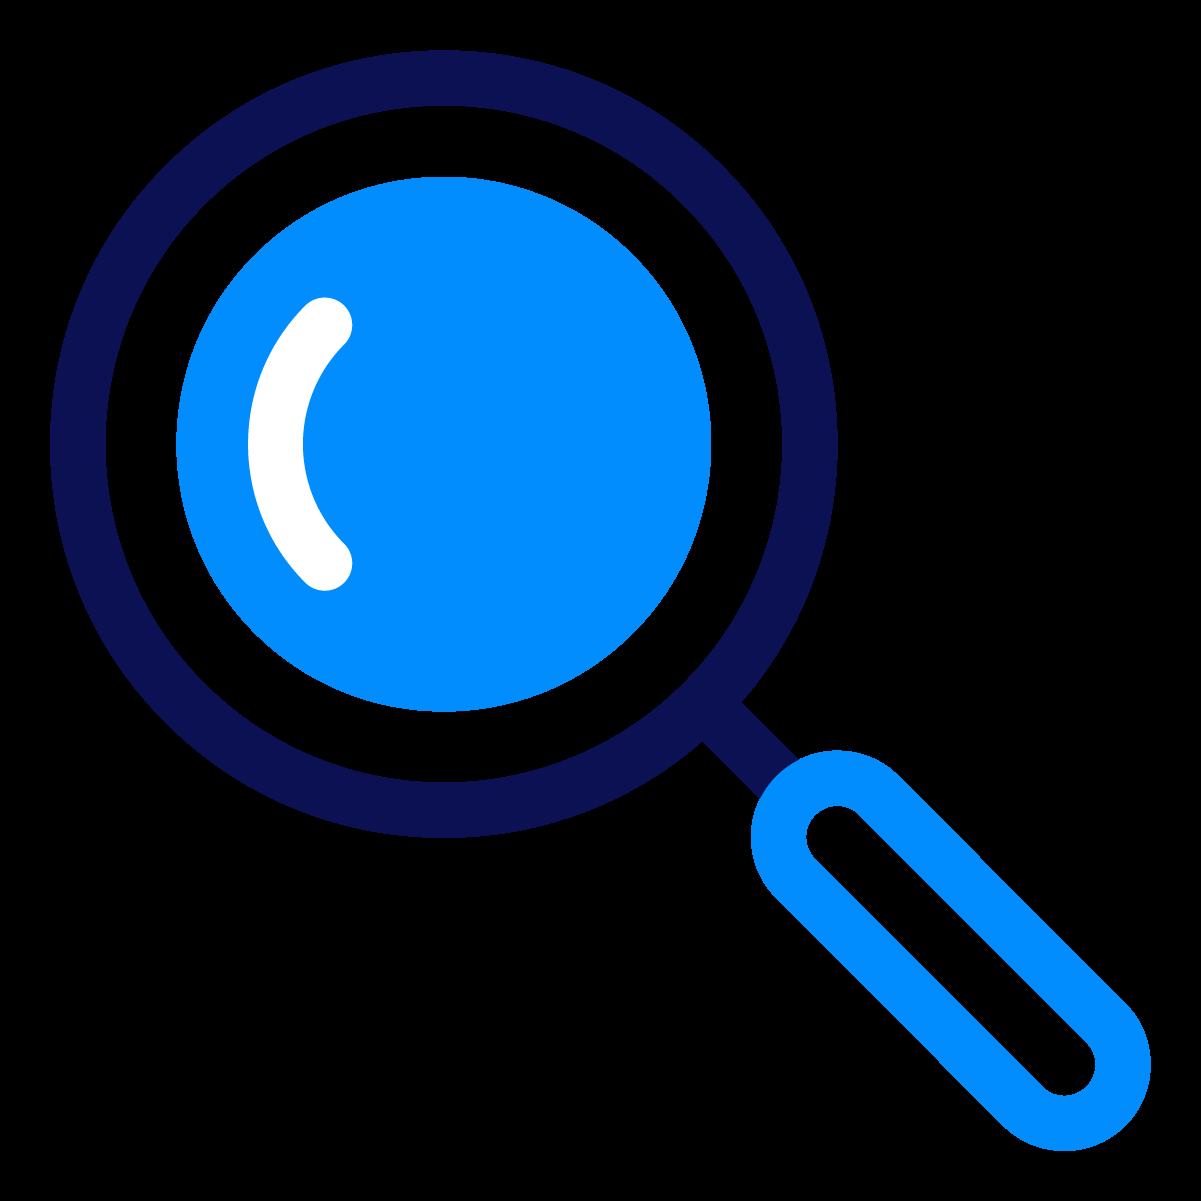 UX-UI-Icon_processed-25